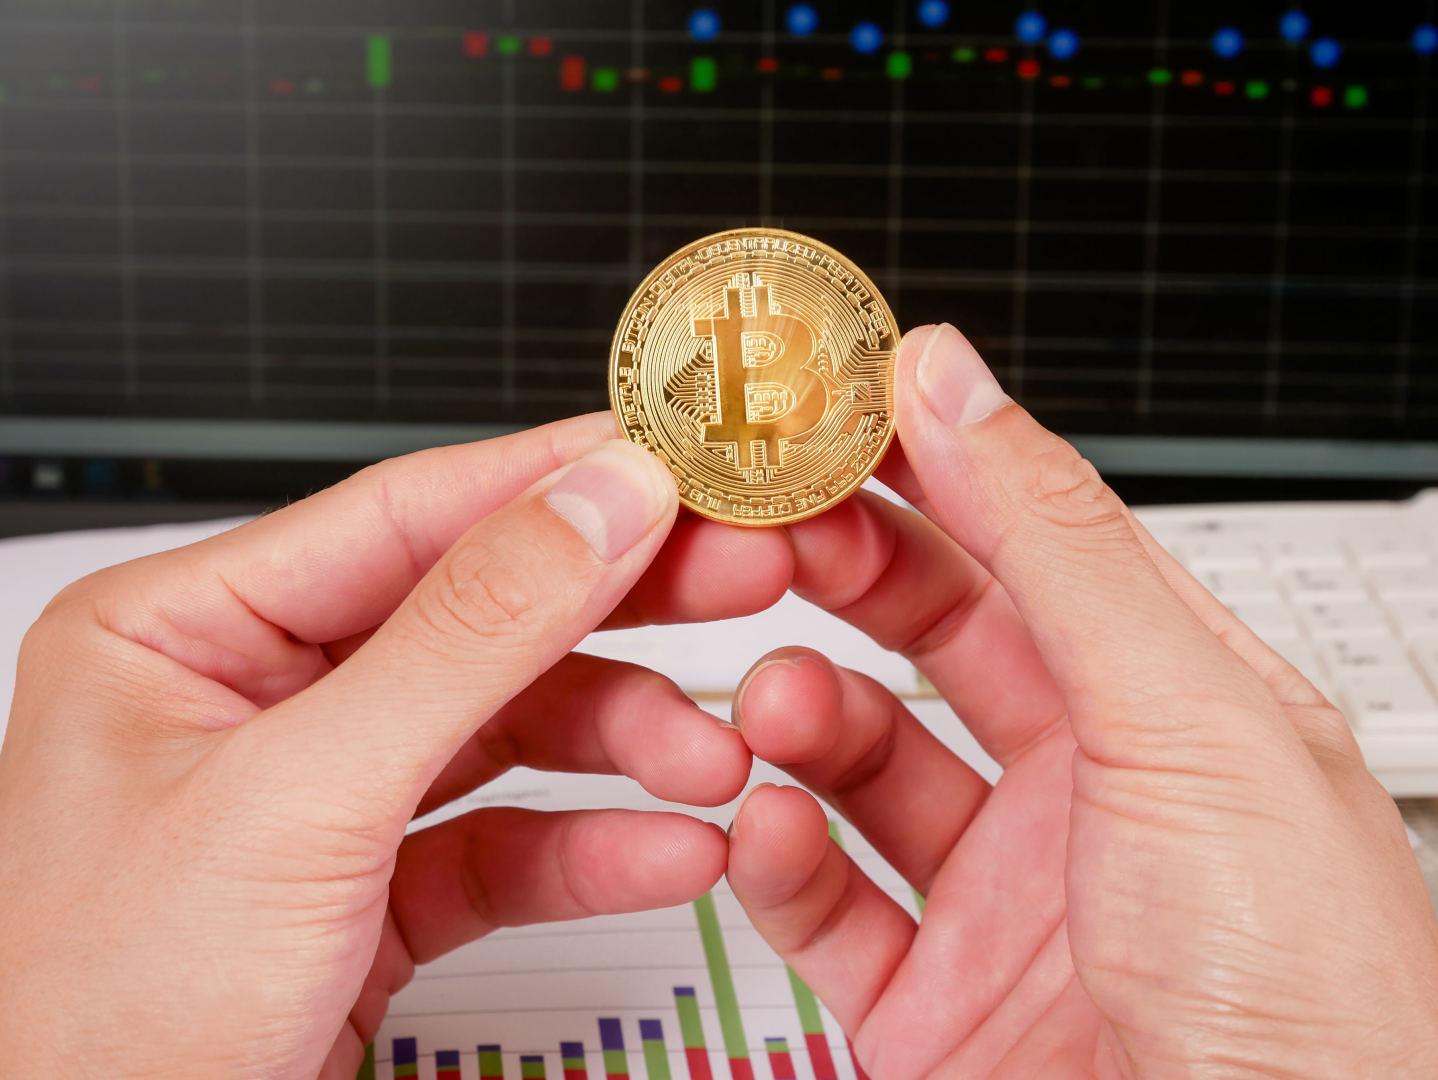 pirkti bitkoiną už mažą kainą